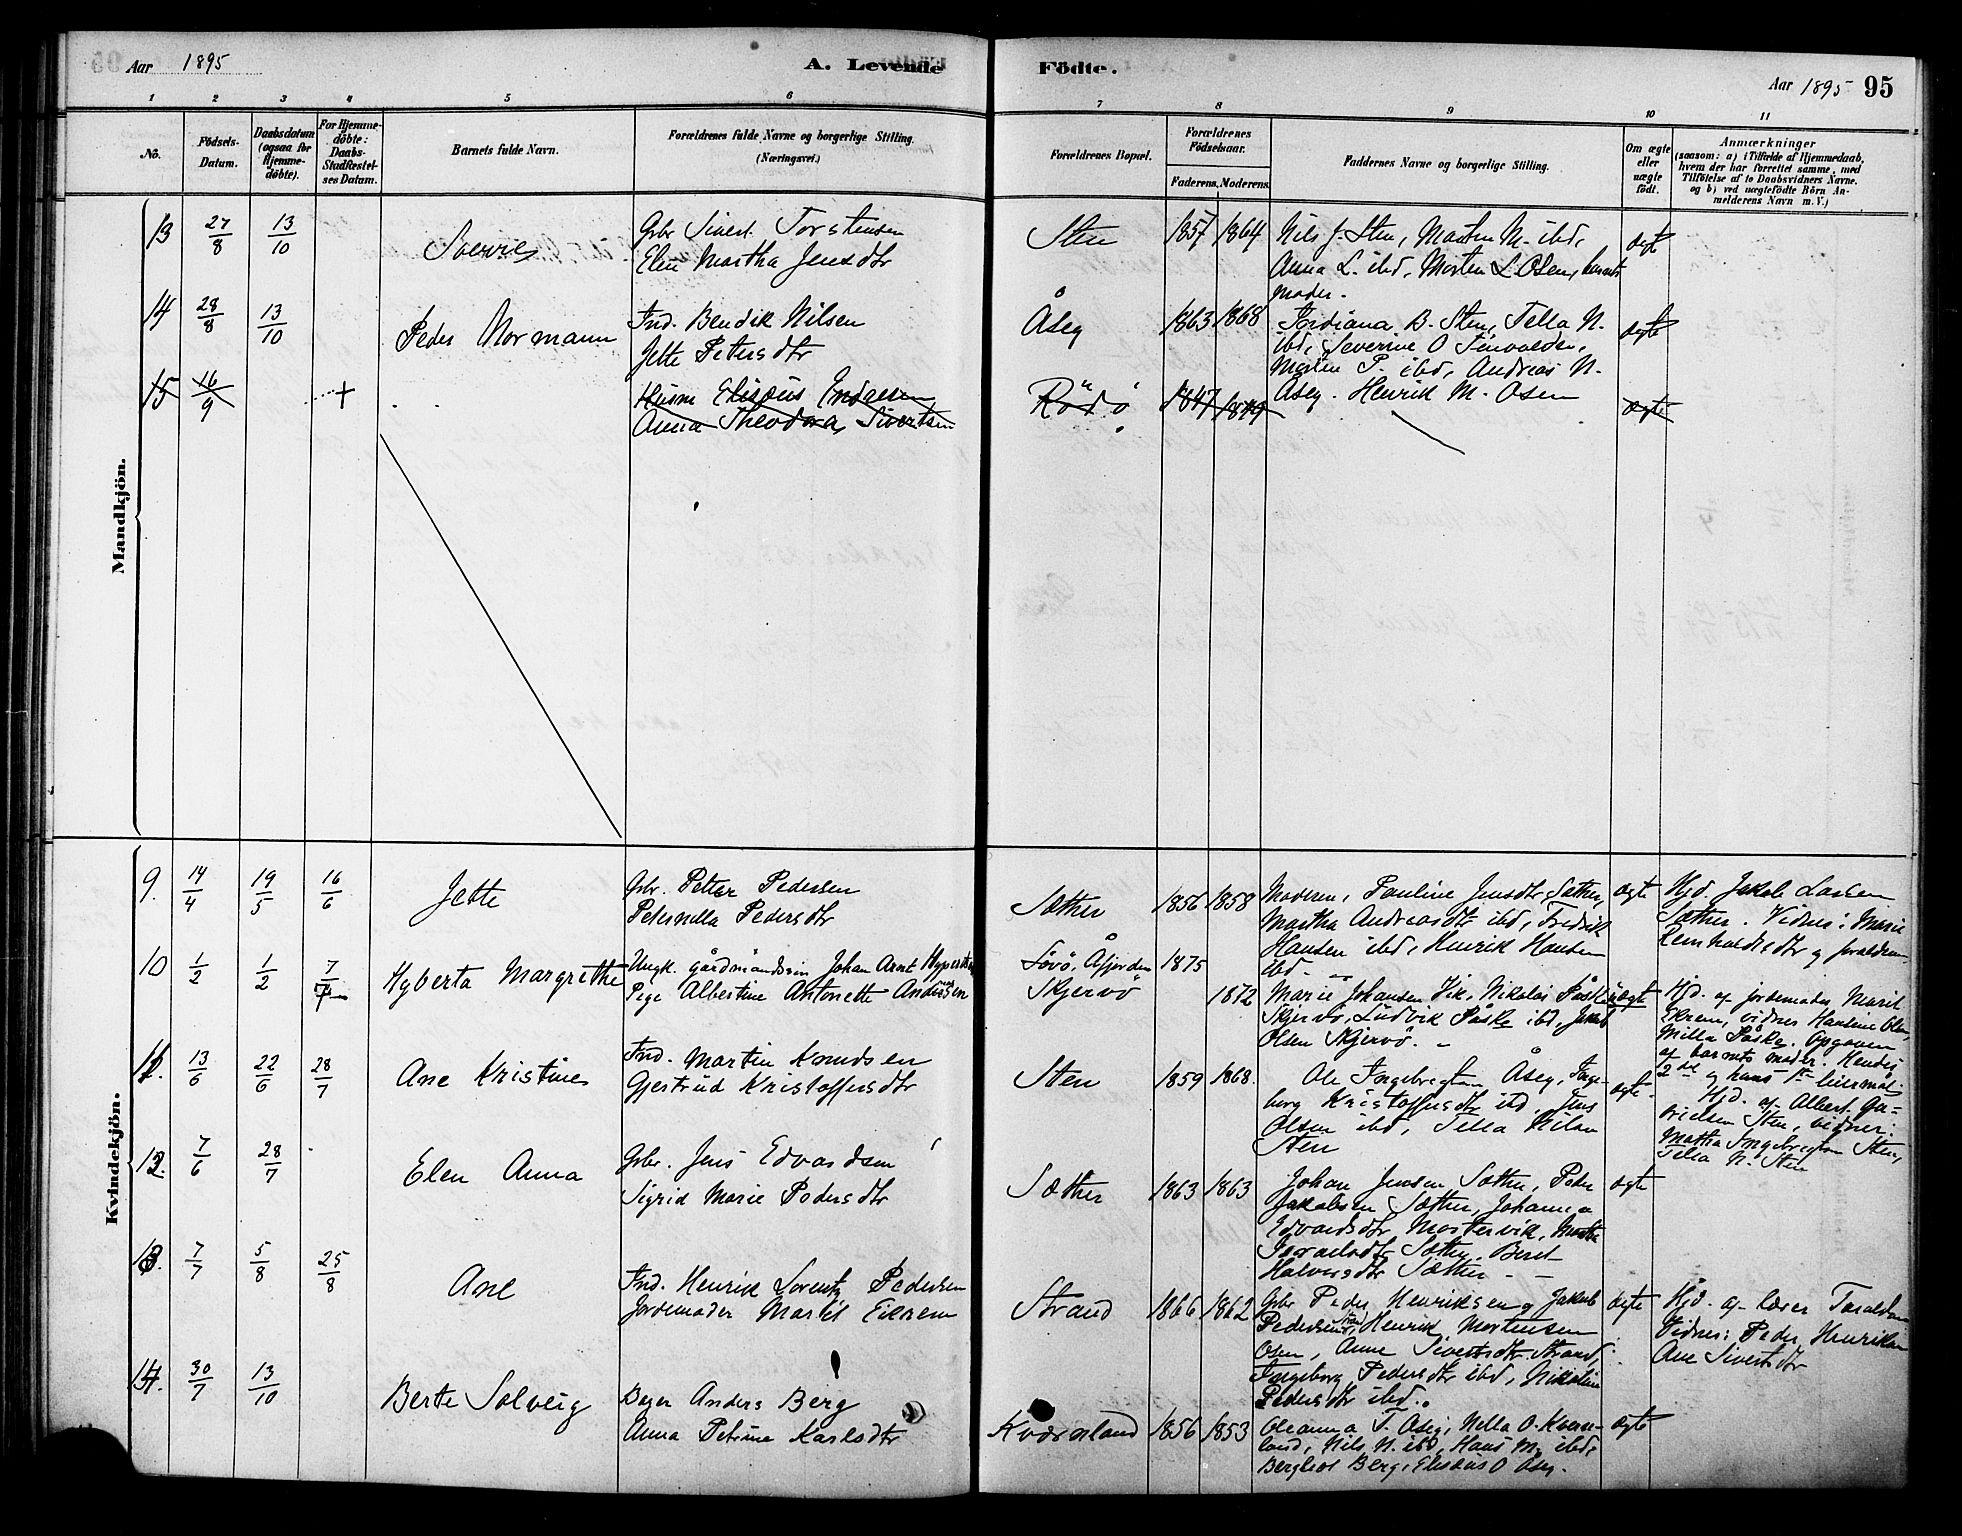 SAT, Ministerialprotokoller, klokkerbøker og fødselsregistre - Sør-Trøndelag, 658/L0722: Ministerialbok nr. 658A01, 1879-1896, s. 95